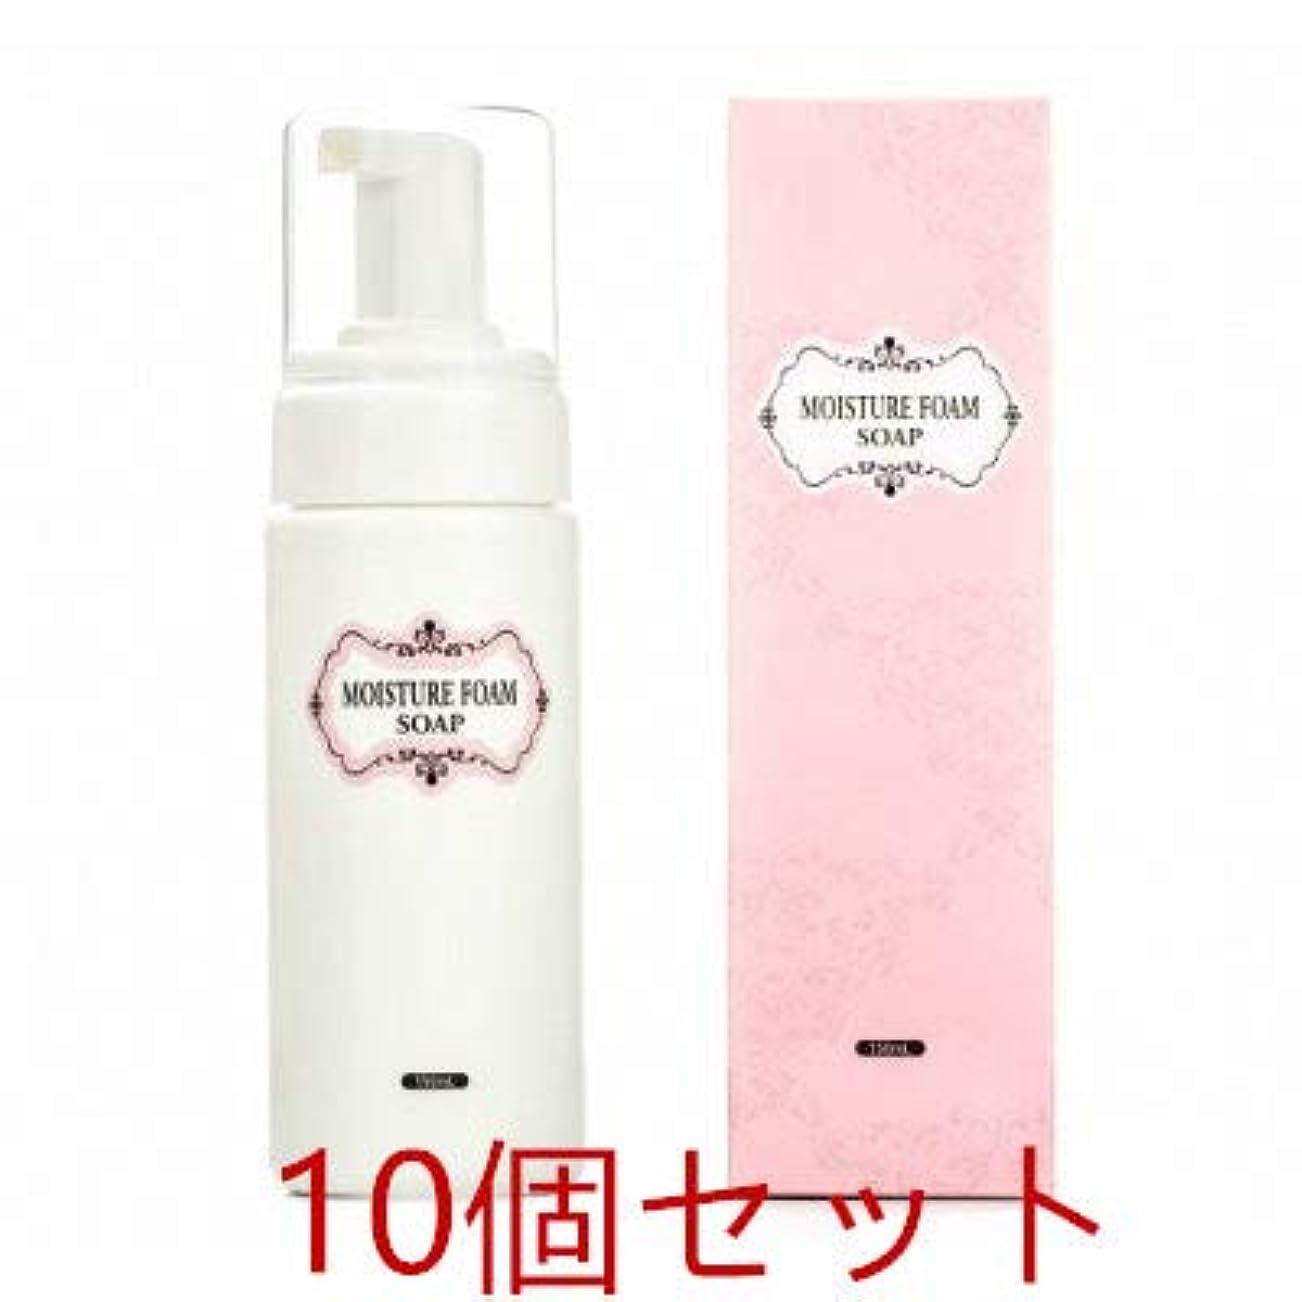 建設作る哲学MOISTURE FOAM SOAP(モイスチャーフォームソープ) 150ml10個セット